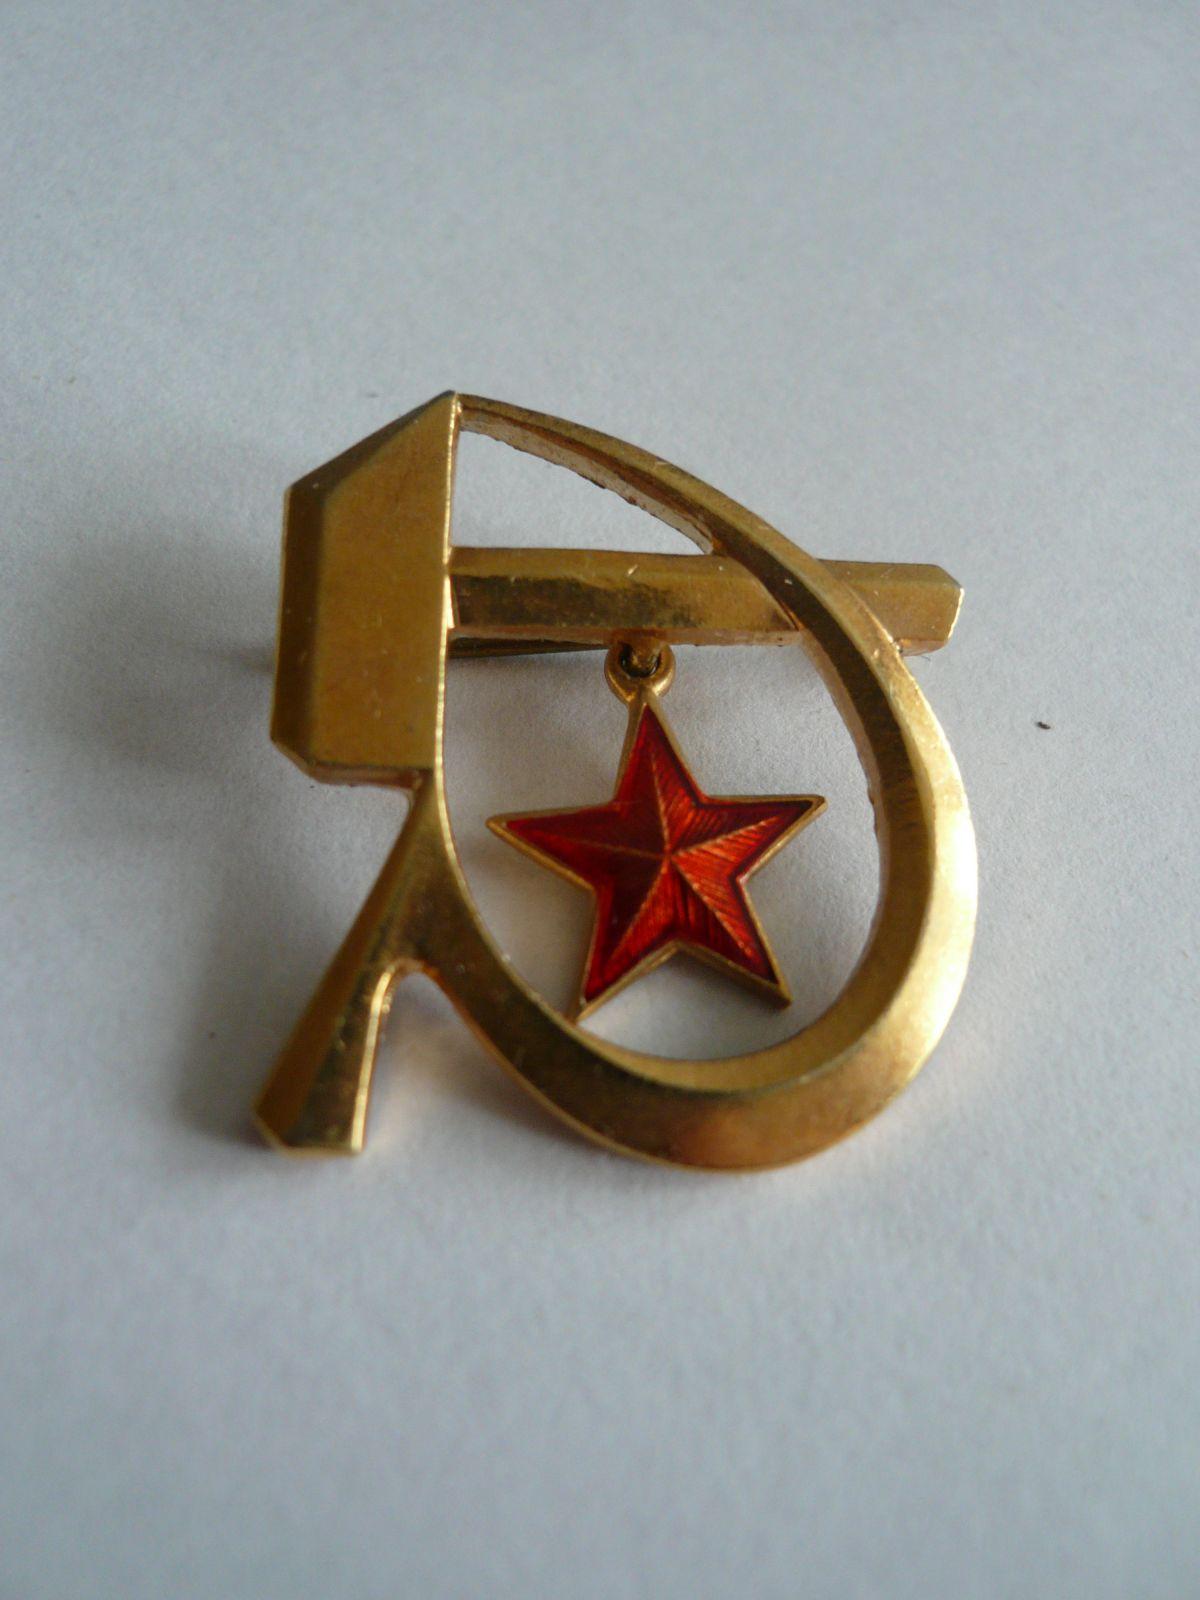 průkopník socialistické práce ČSSR